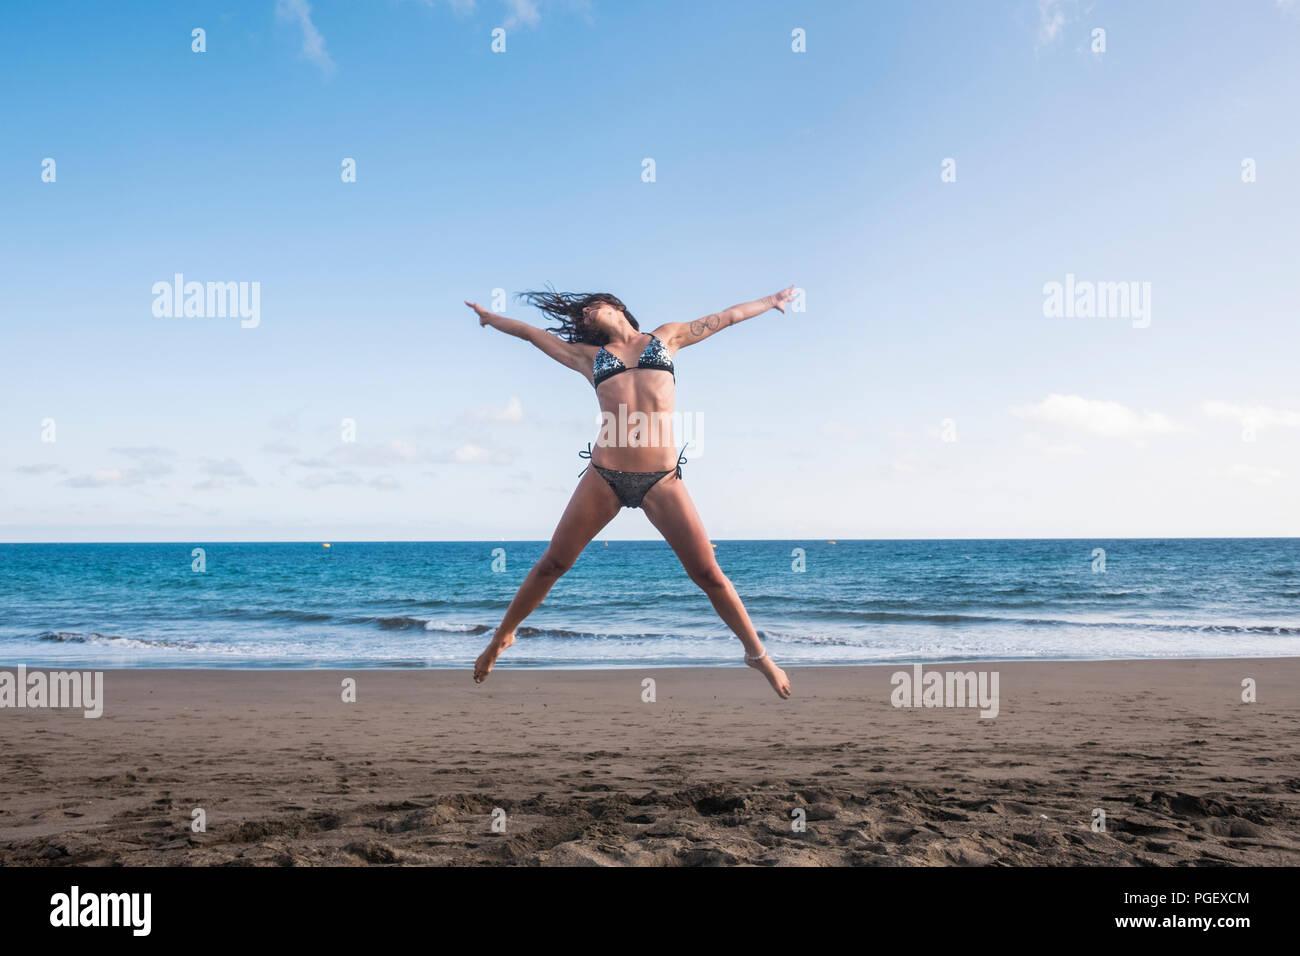 Schönen Körper Fitness Lifestyle junge Frau springen voller Glück am Strand in der Nähe der Küste und die Wellen des blauen Ozean. fröhlich und Sommer Spaß Stockbild